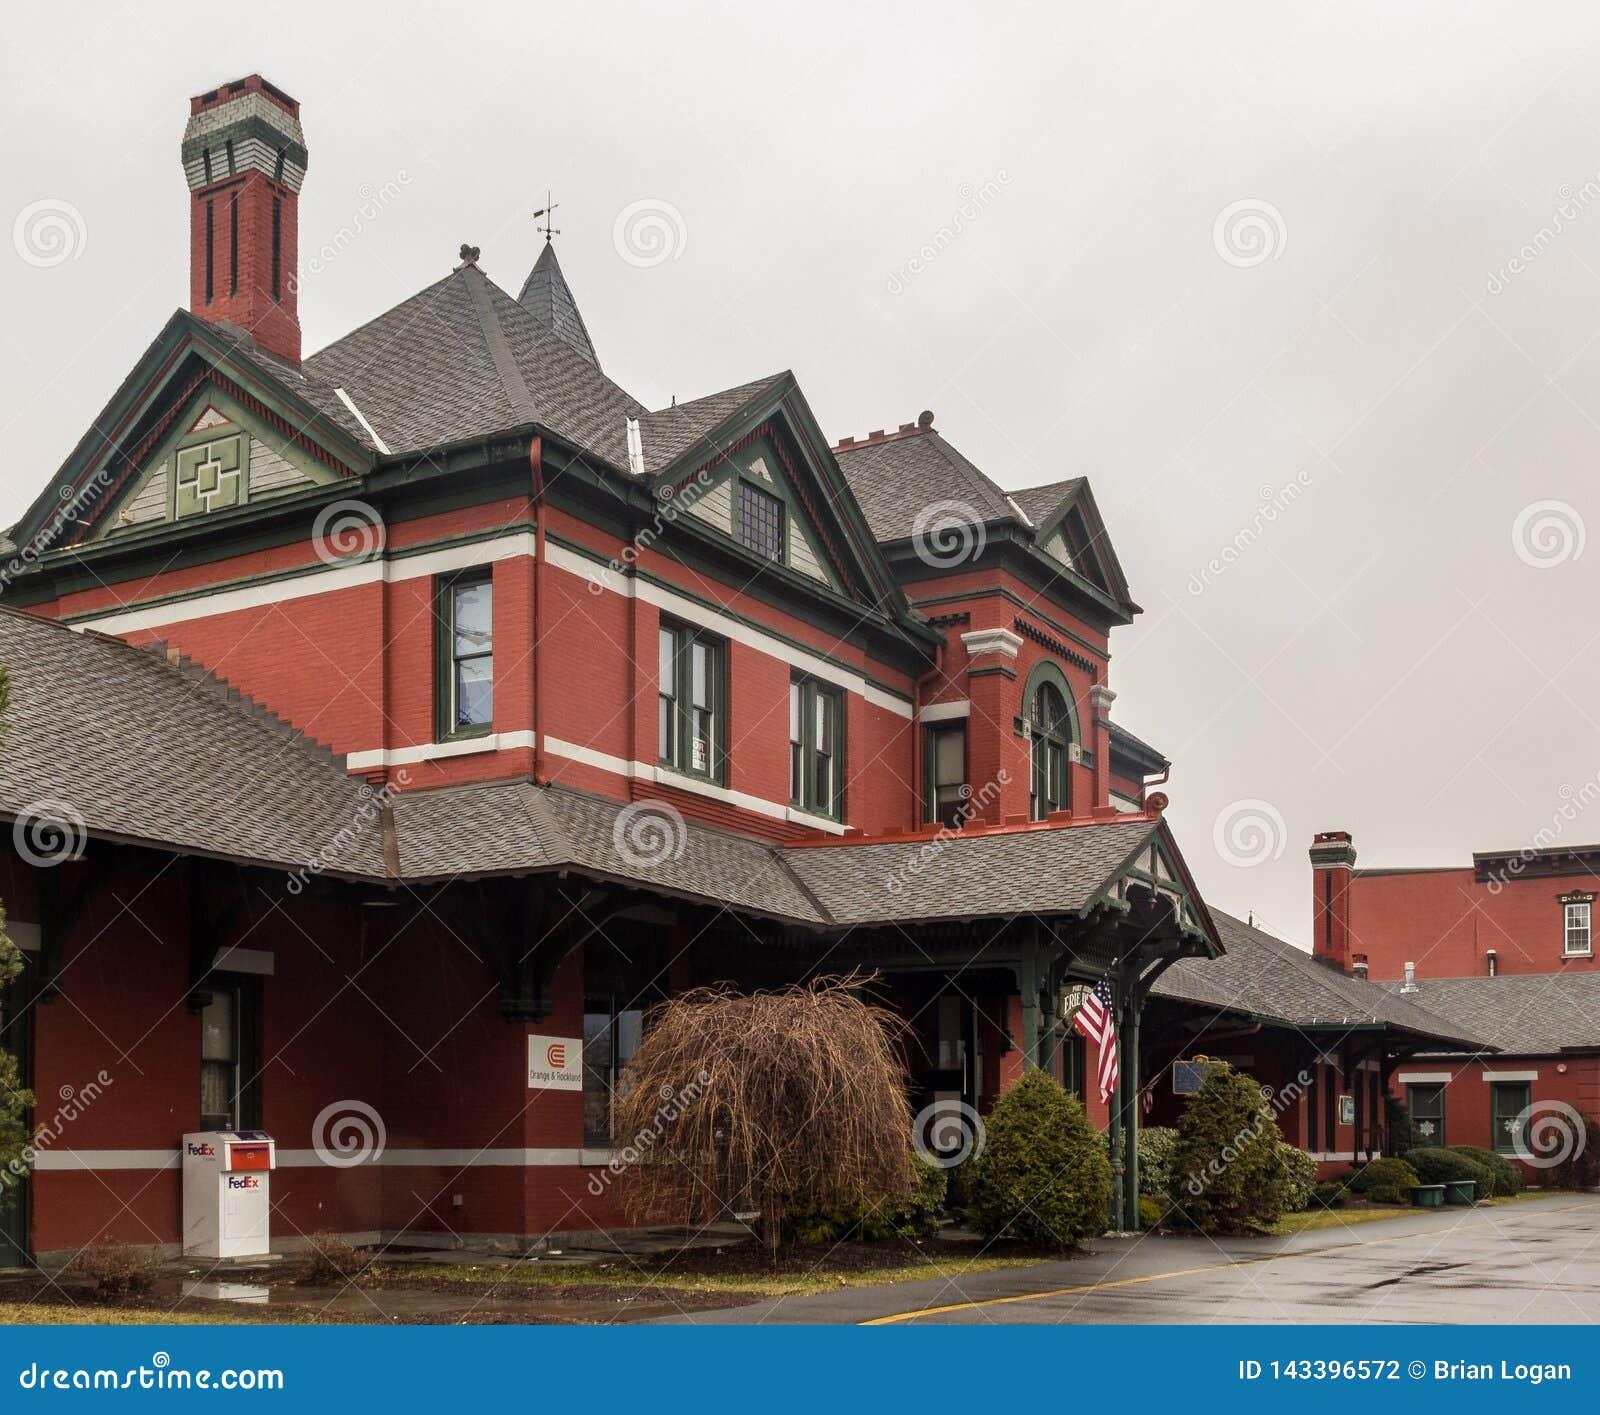 Λιμένας Jervis, Νέα Υόρκη/Ηνωμένες Πολιτείες - 7 Μαρτίου 2017: μια άποψη τοπίων του πρώην σταθμού τρένου Jervis λιμένων του σιδηρ